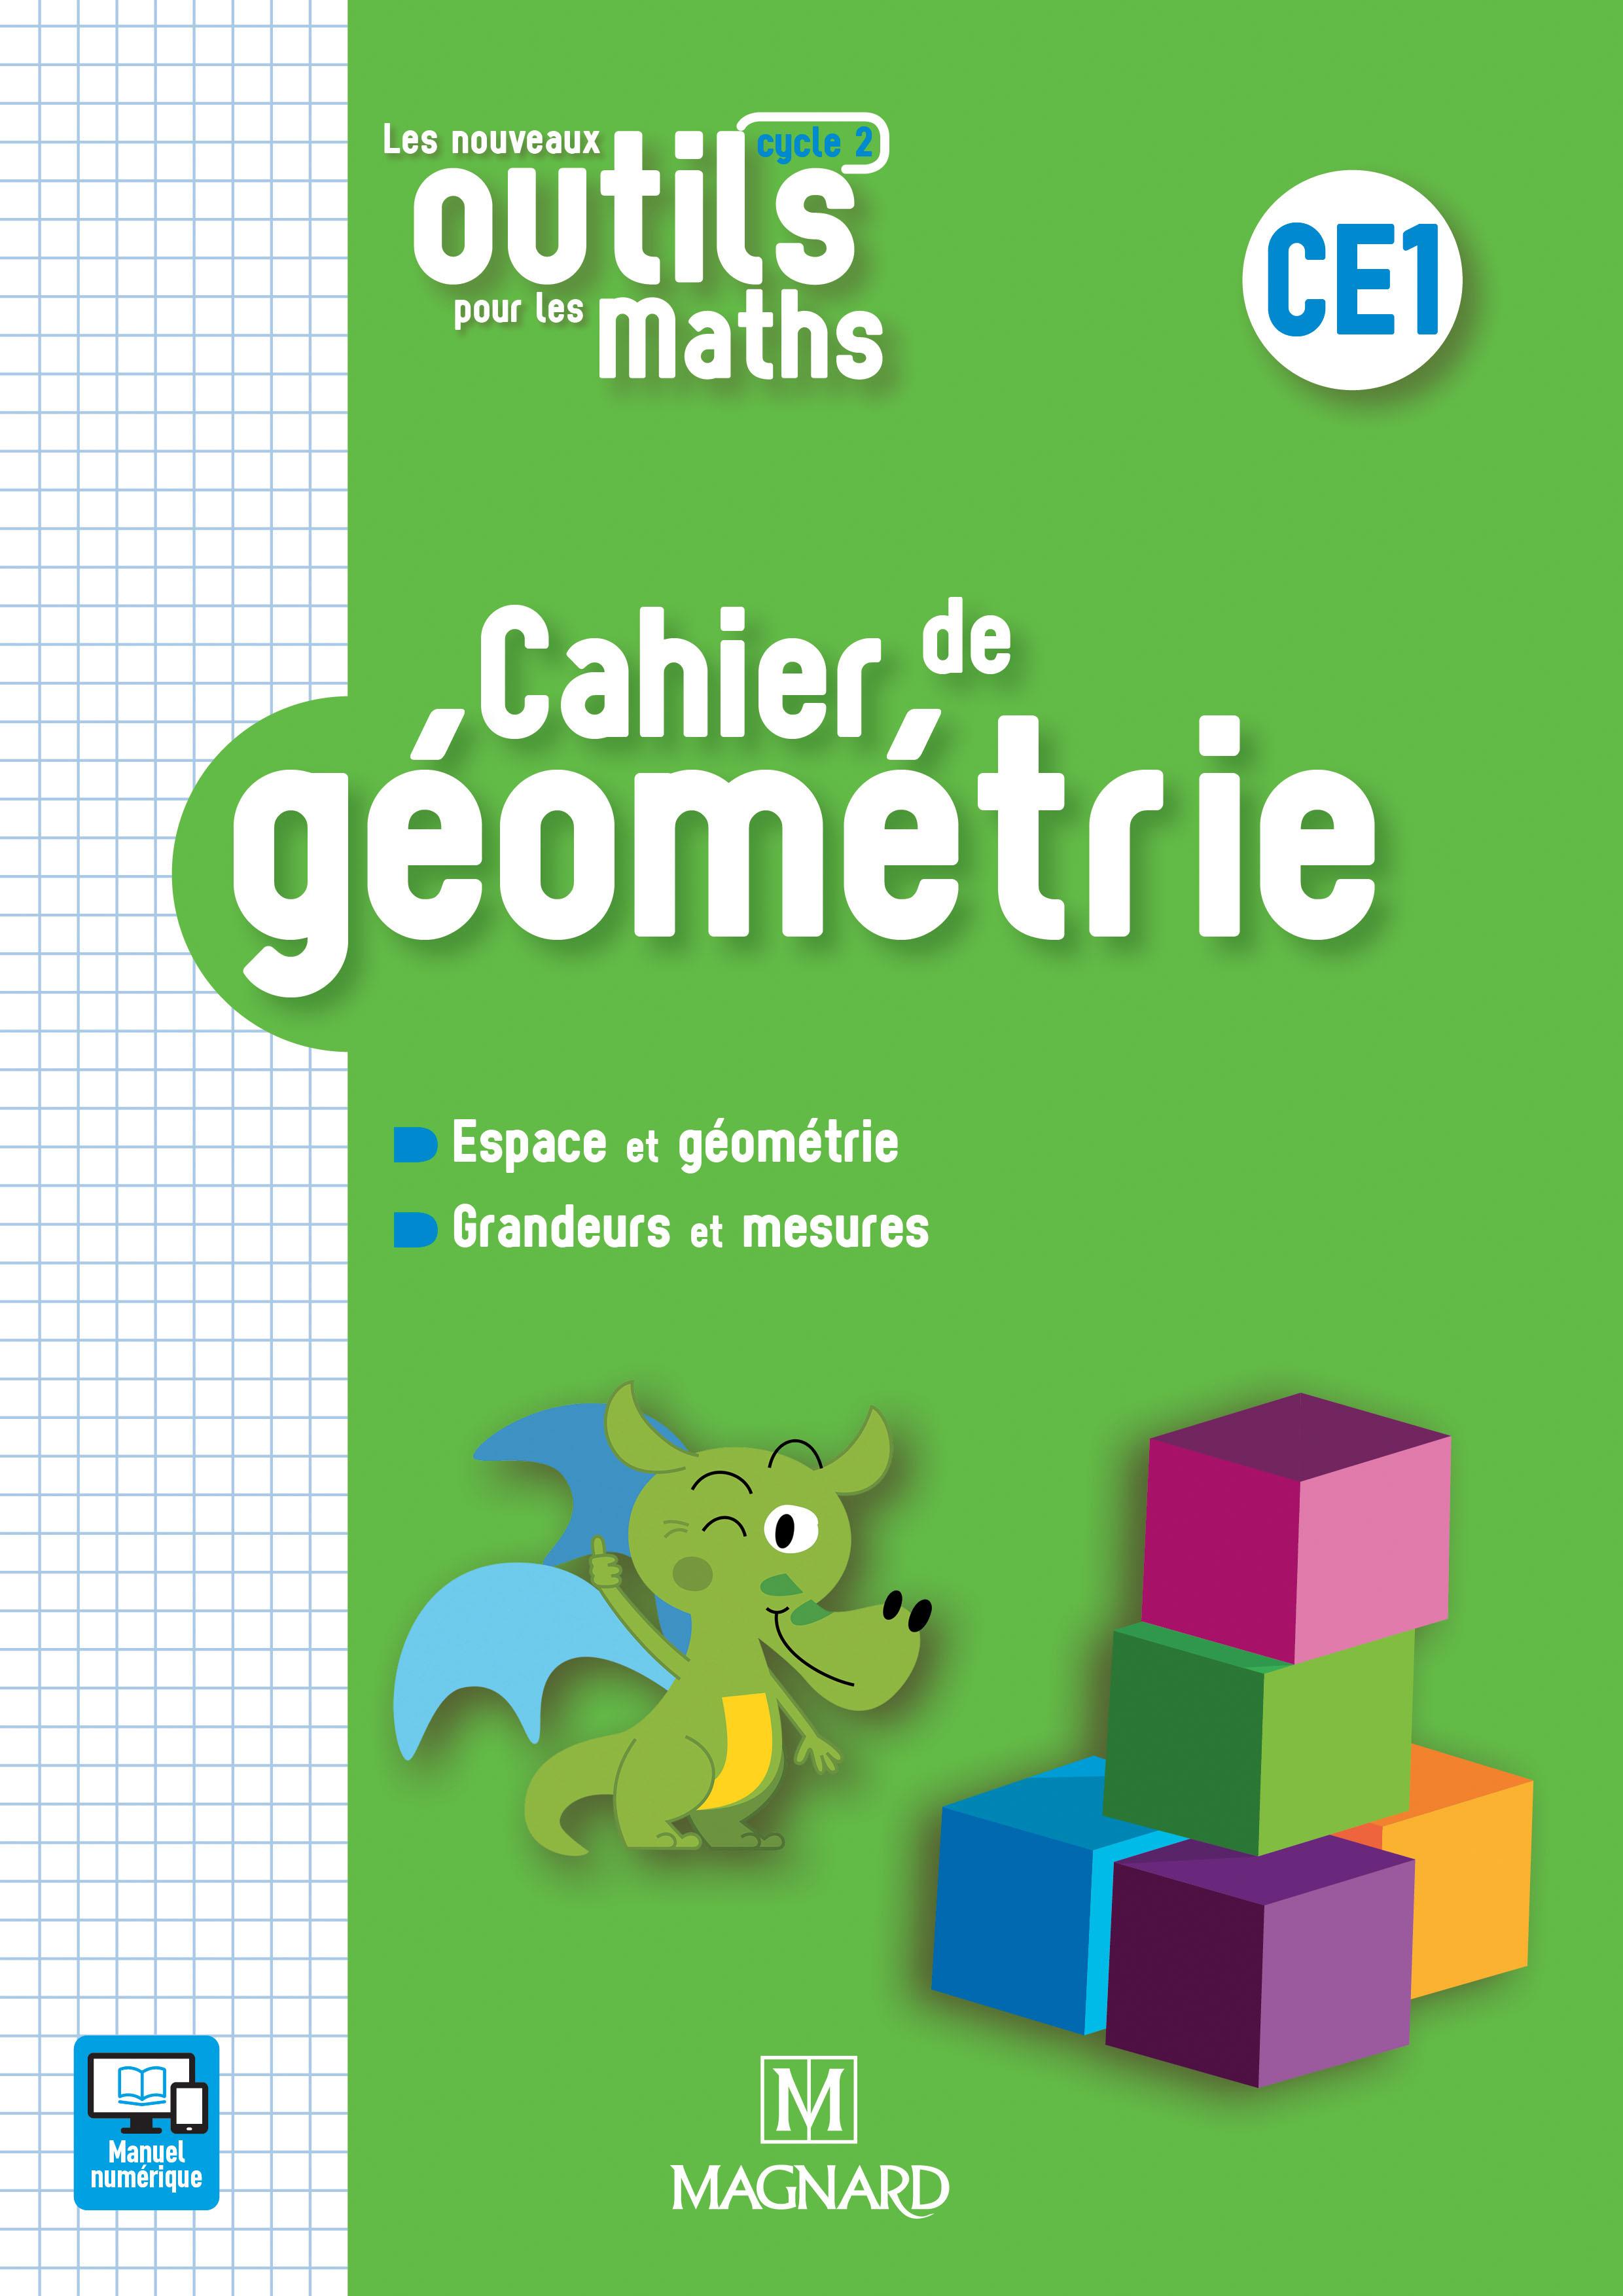 Les Nouveaux Outils Pour Les Maths Ce1 (2018) - Cahier De destiné Figures Géométriques Ce1